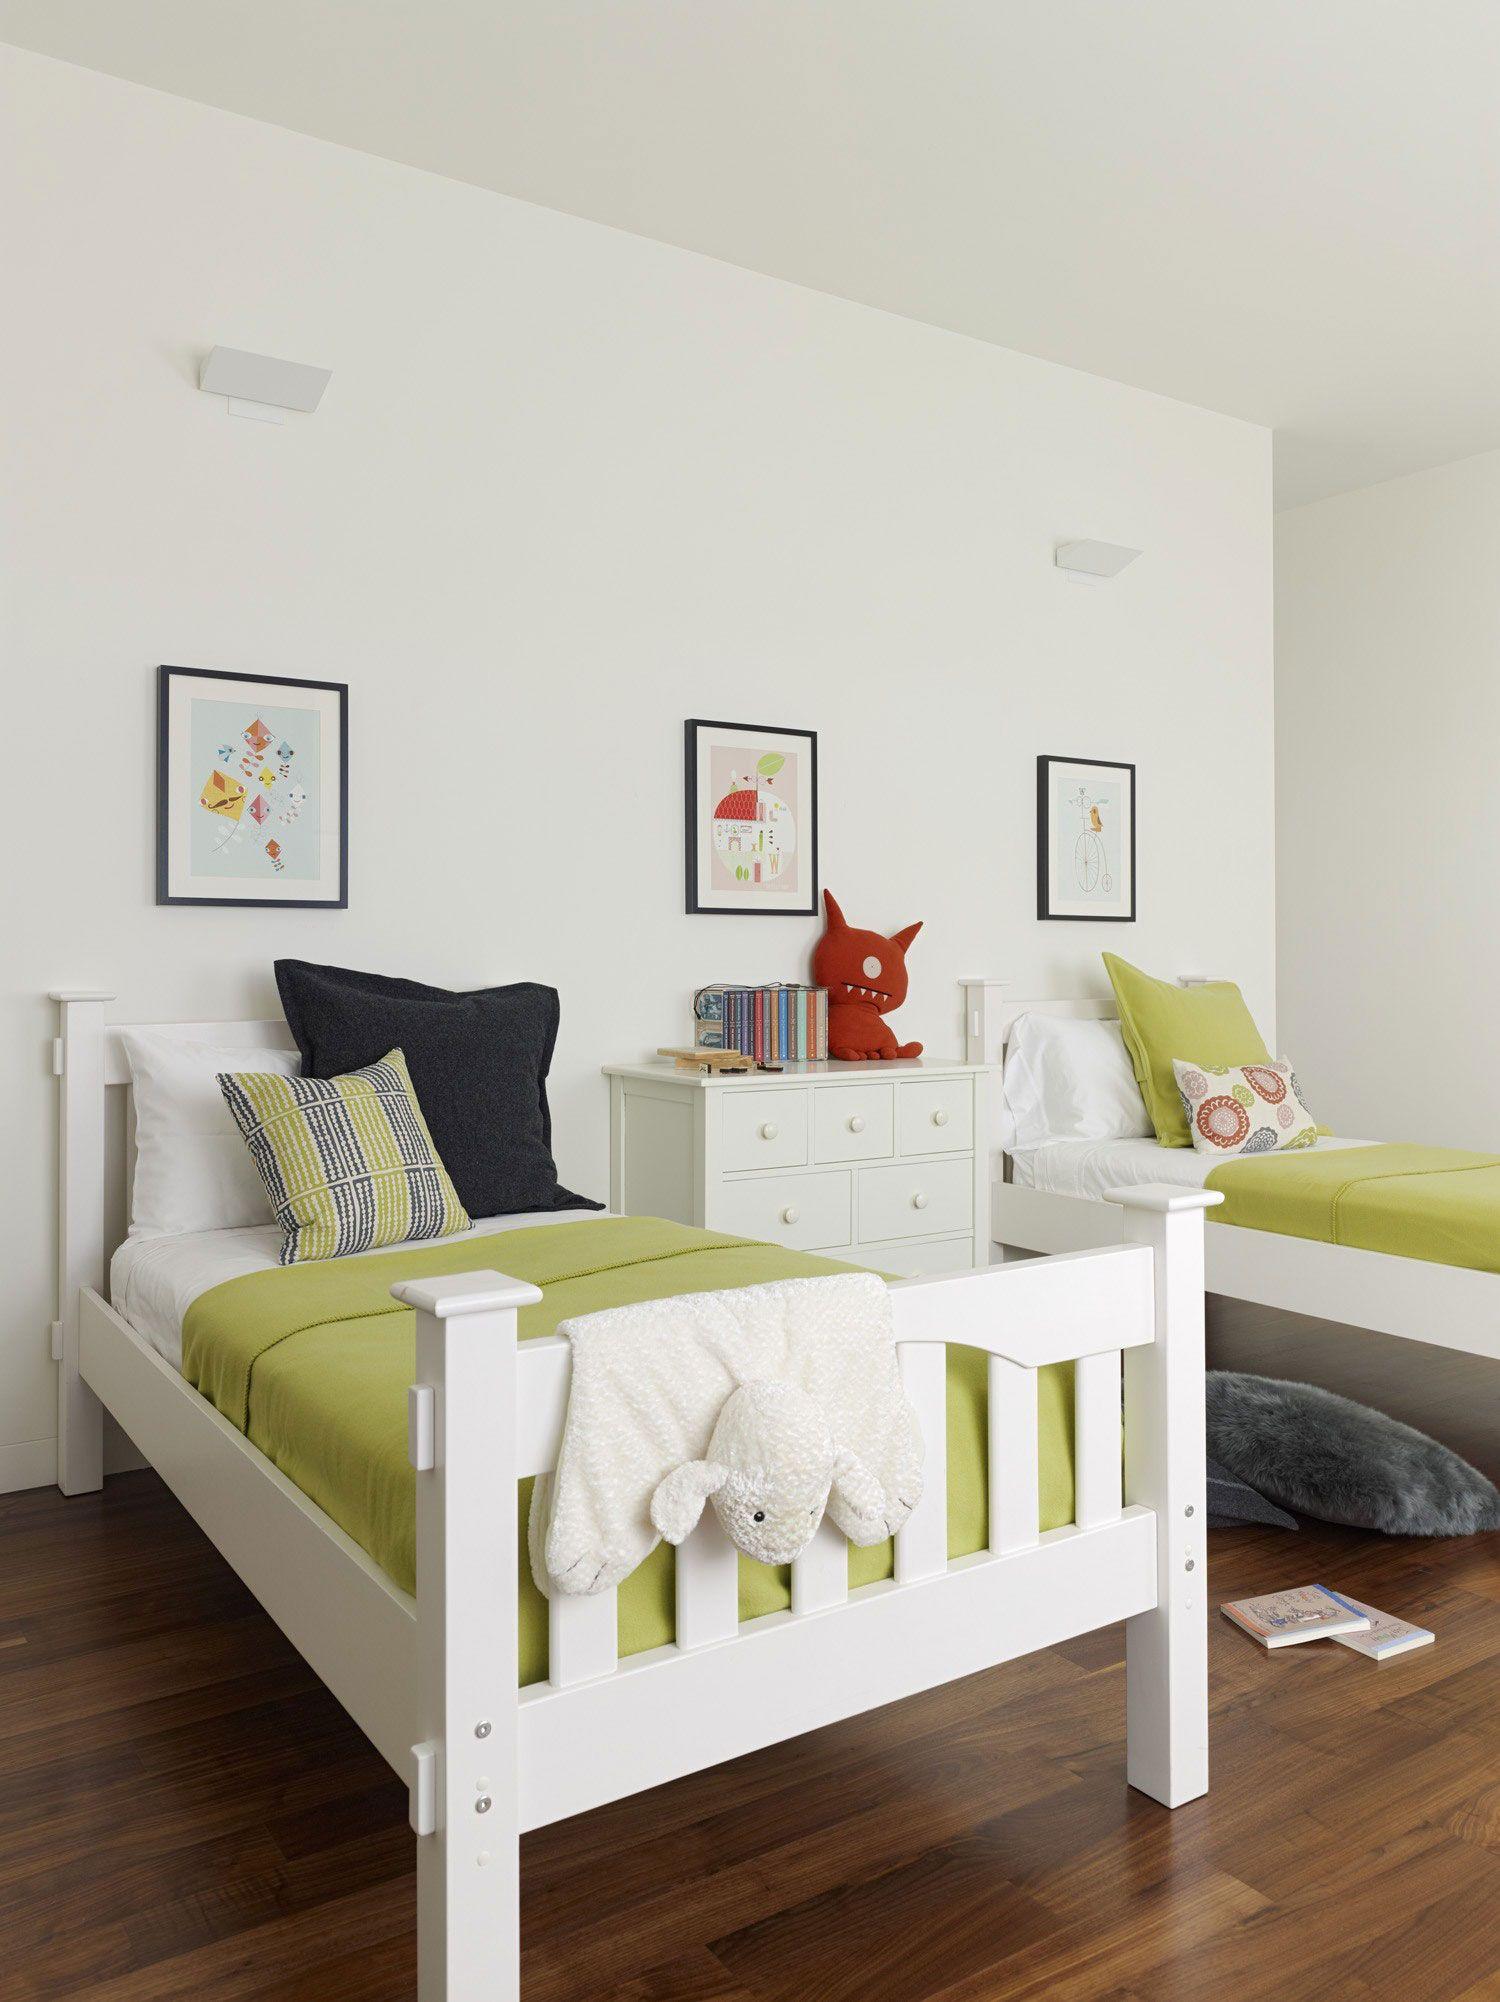 Прекрасный пример детской комнаты в минималистской квартире